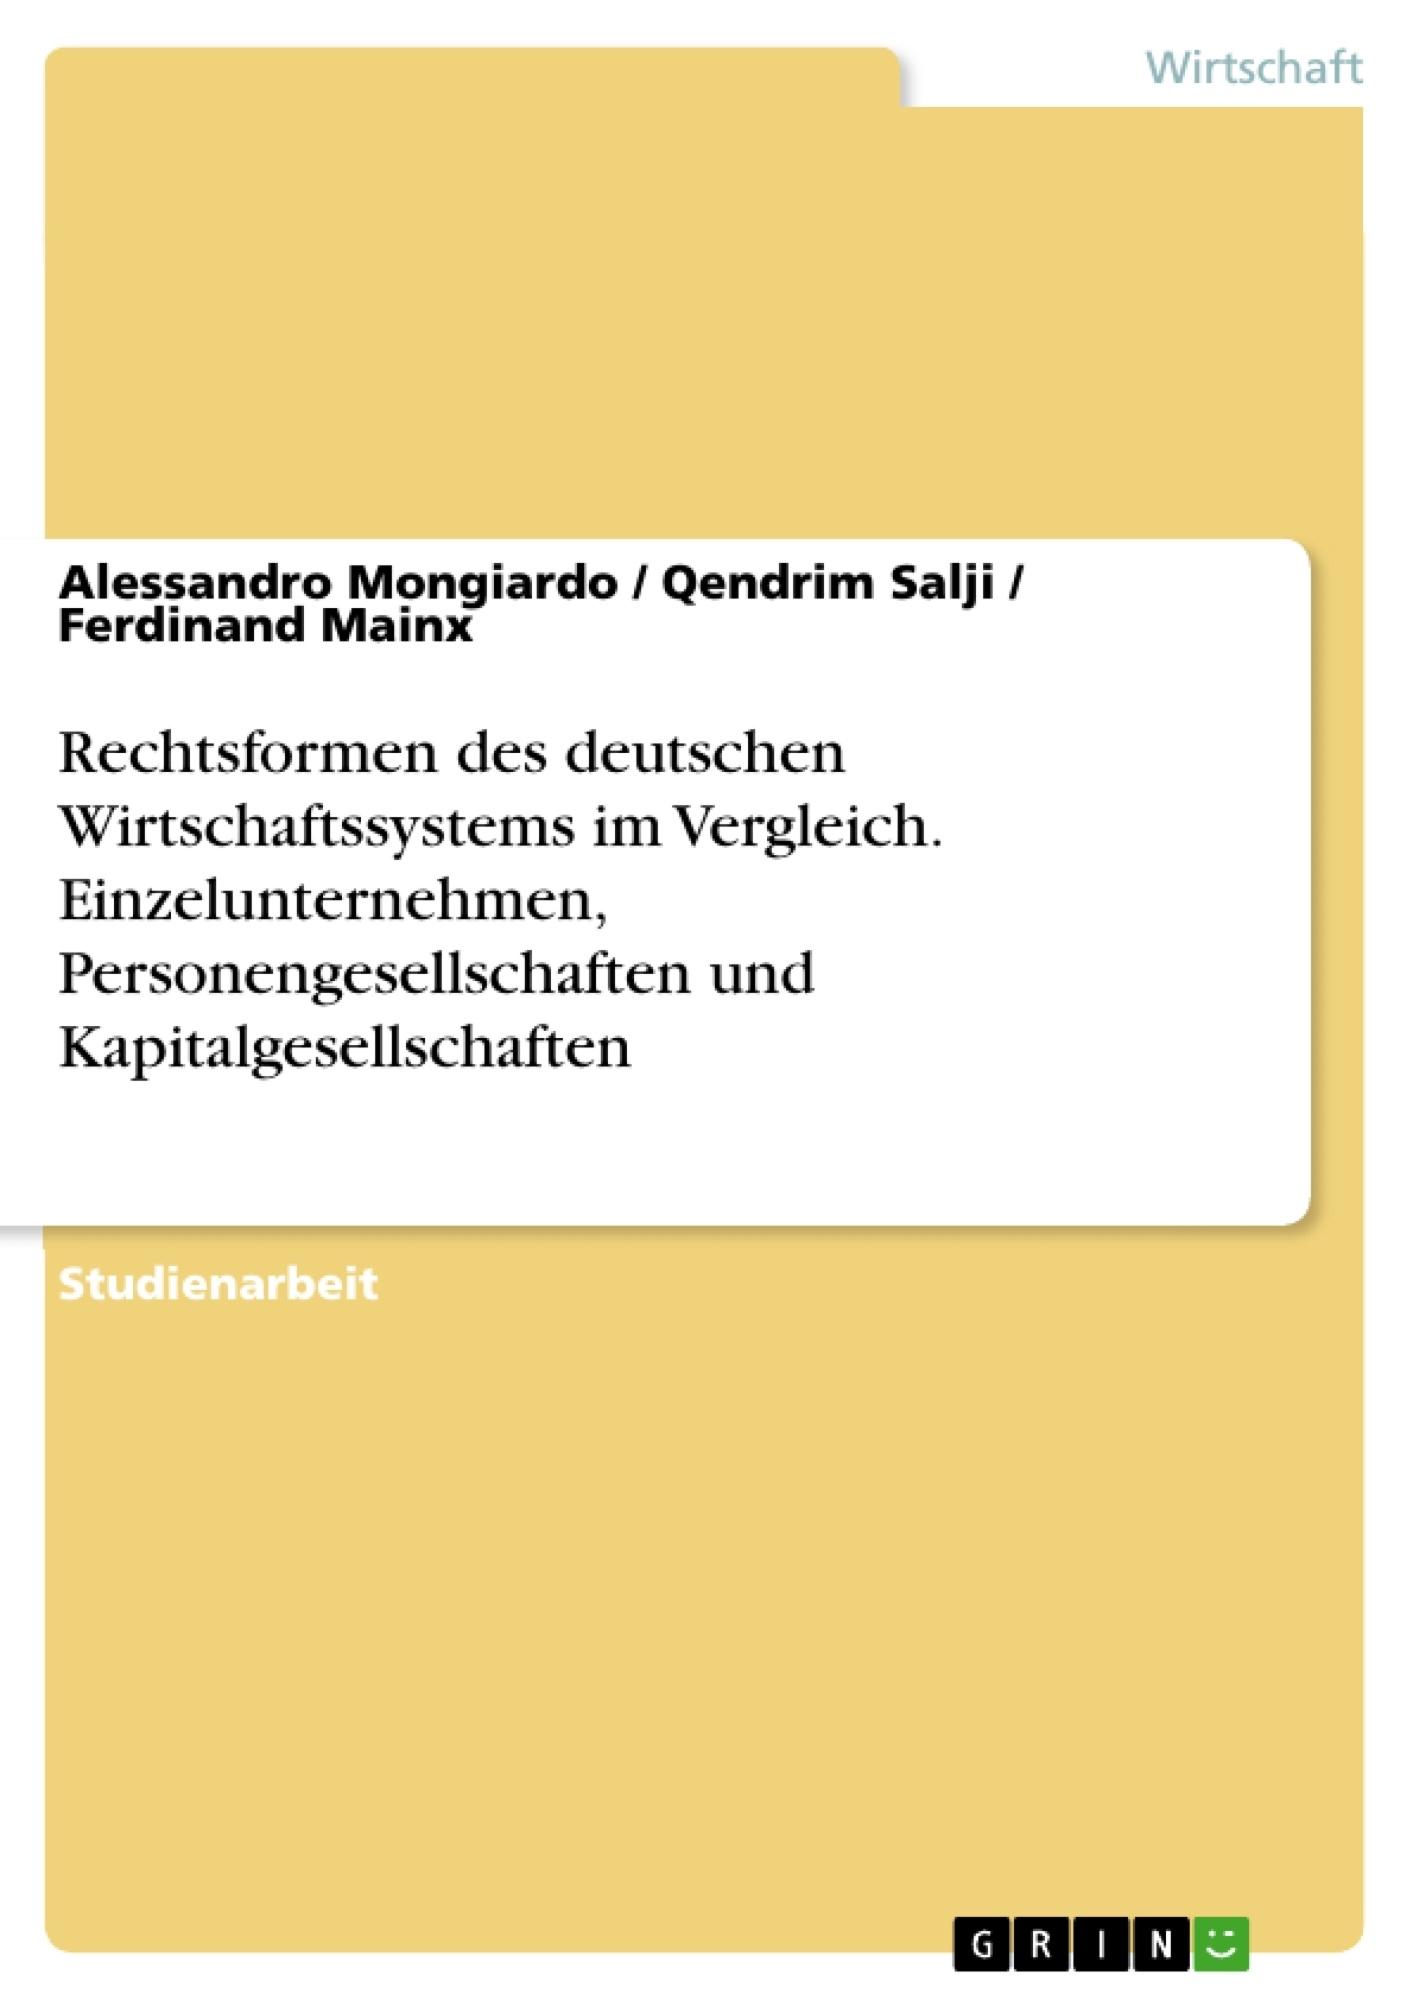 Titel: Rechtsformen des deutschen Wirtschaftssystems im Vergleich. Einzelunternehmen, Personengesellschaften und Kapitalgesellschaften